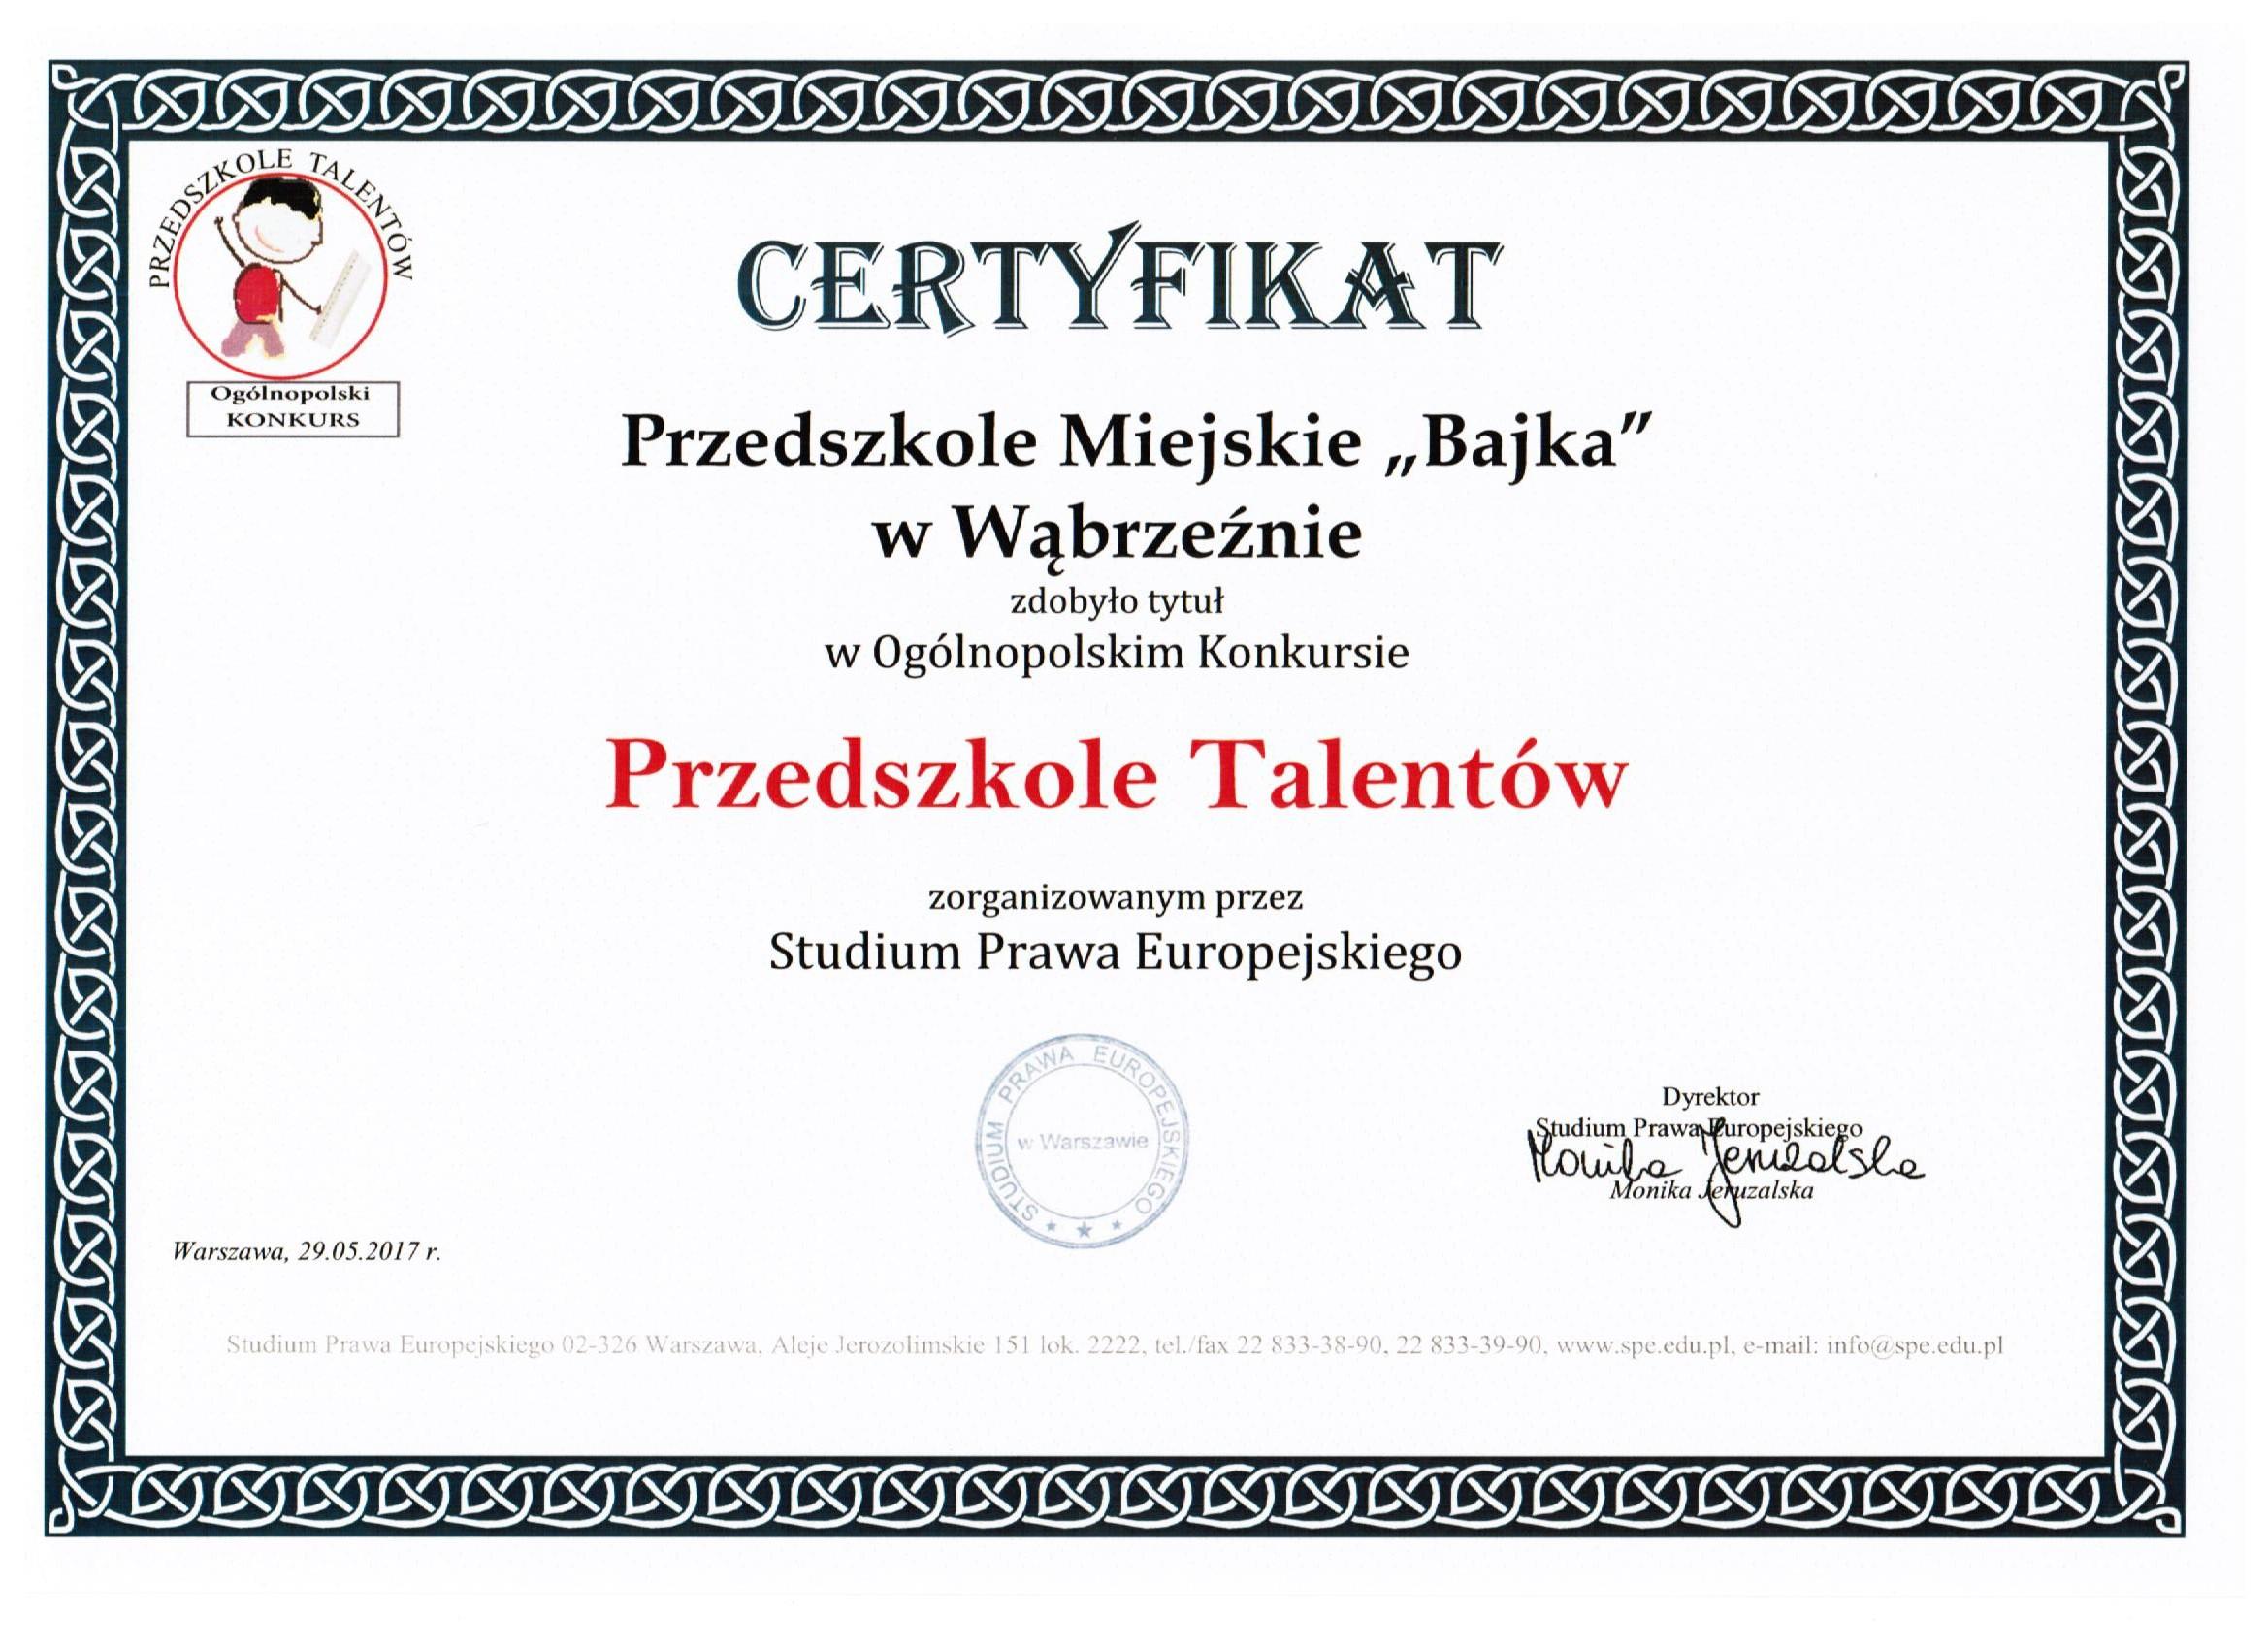 Certyfikat Przedszkole talentów